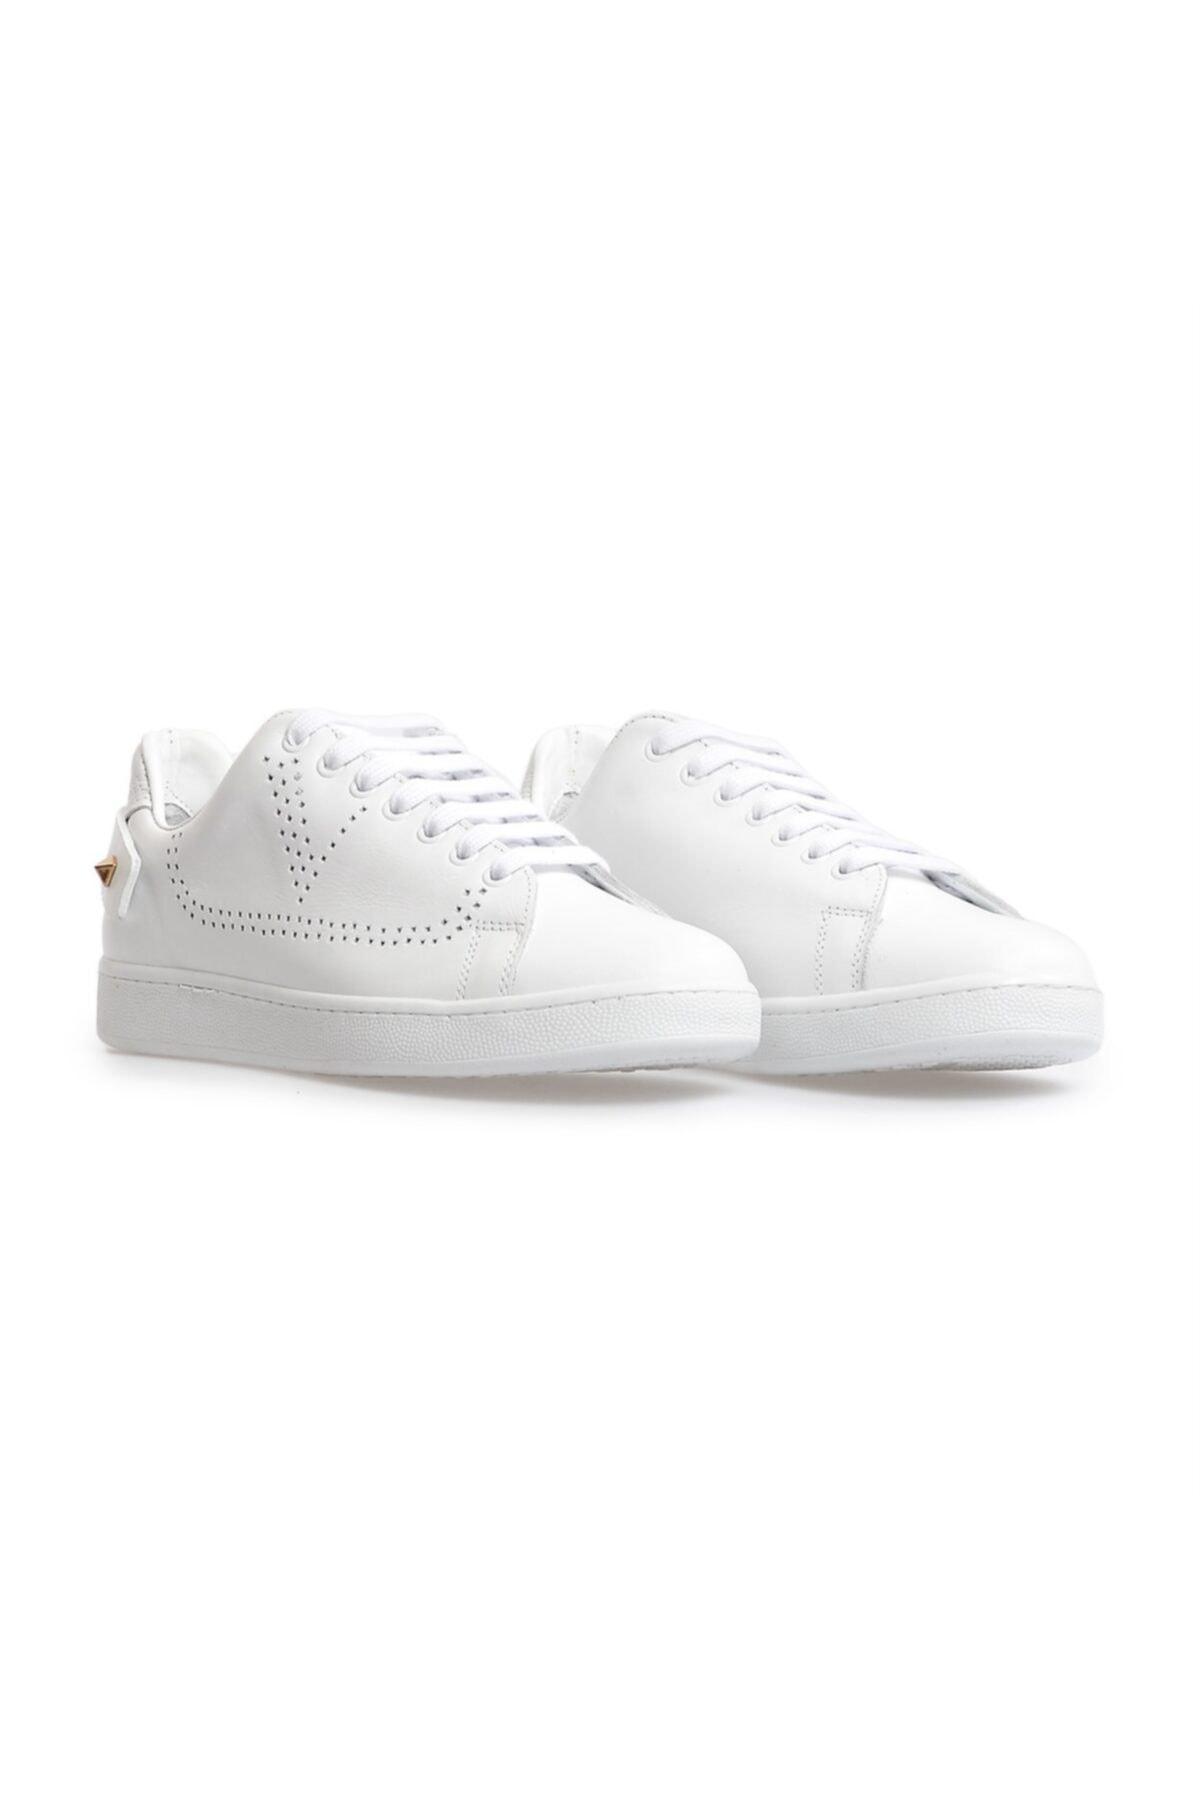 Flower Beyaz Trok Detaylı Bağcıklı Sneakers 2